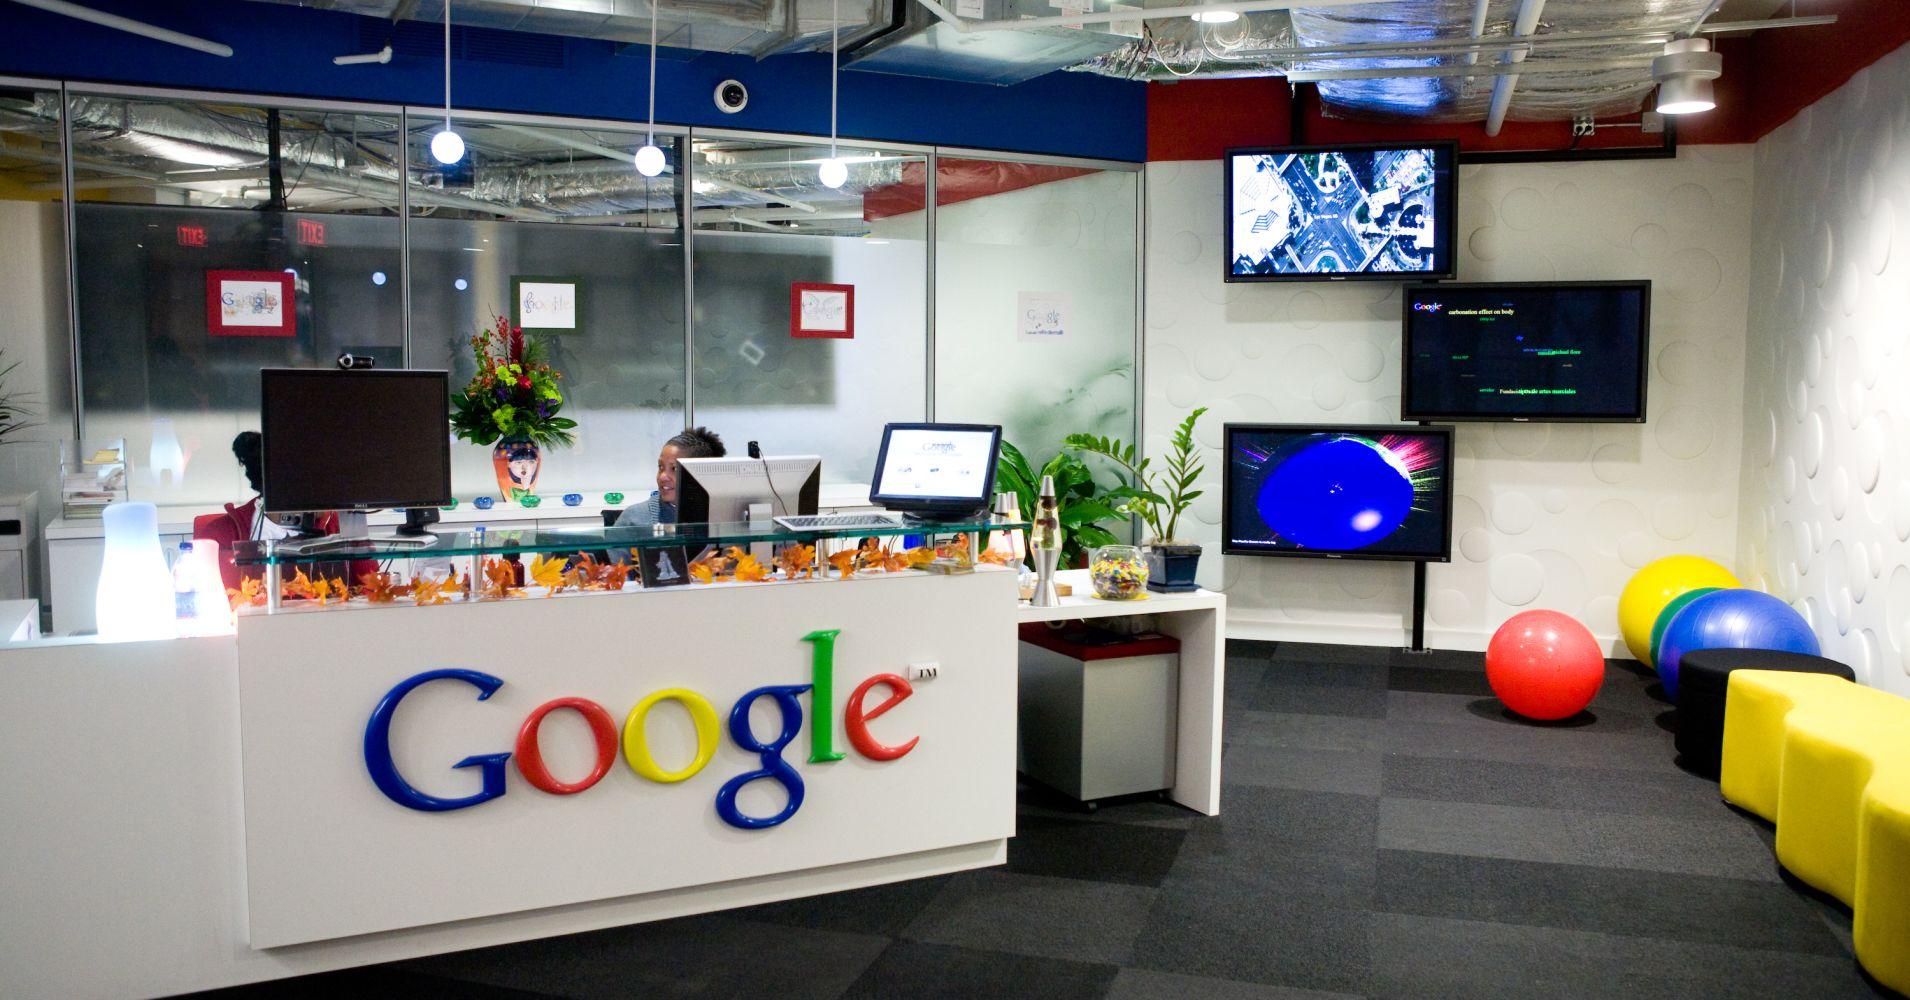 Google đã tạo ra những nhà quản lý đẳng cấp như thế nào?